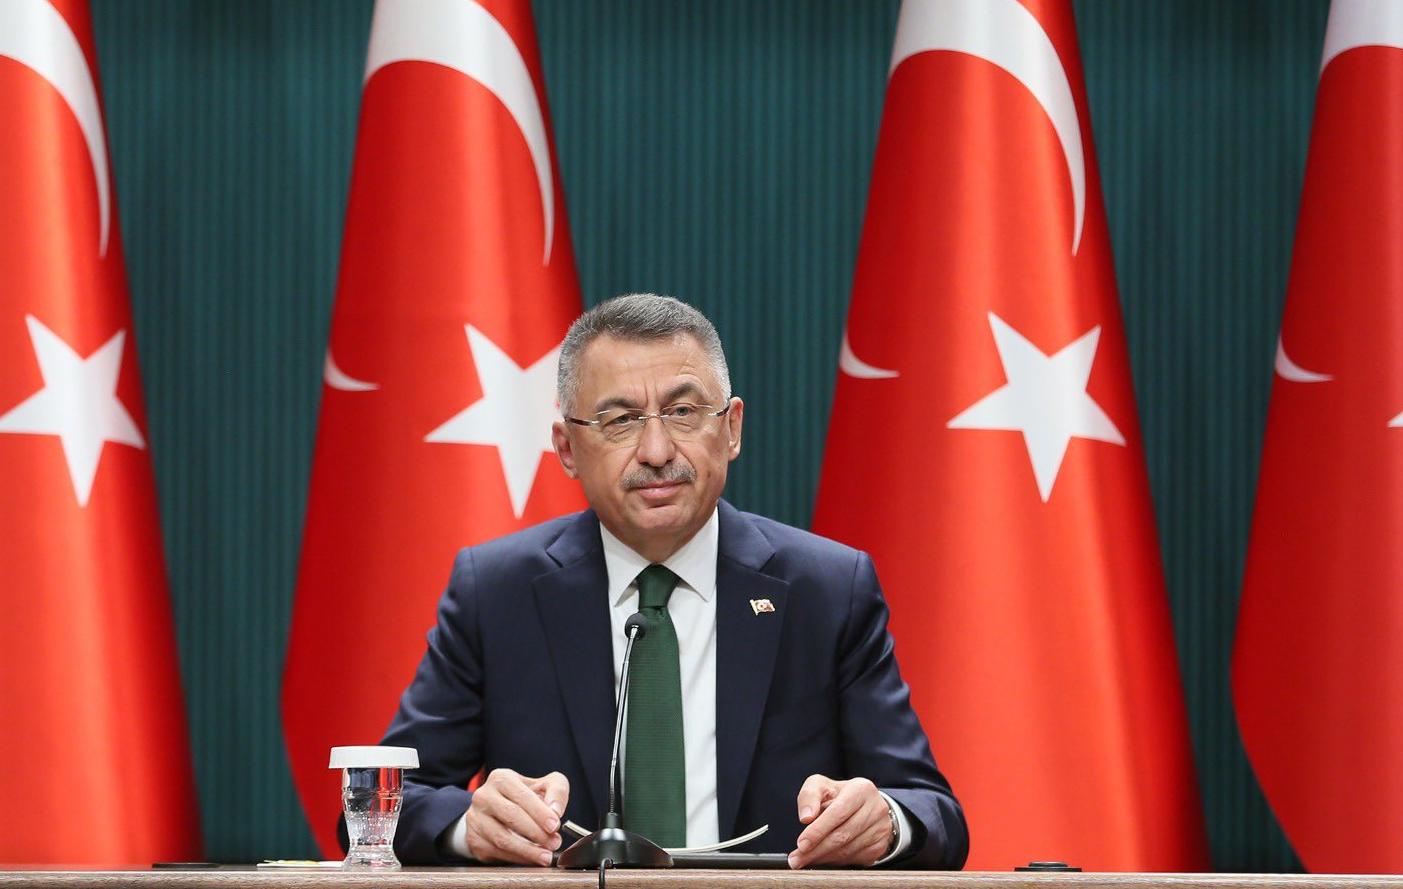 Προκλητικές δηλώσεις για την Κύπρο από τον Τούρκο αντιπρόεδρο Οκτάι – Τι απαντά η Αθήνα